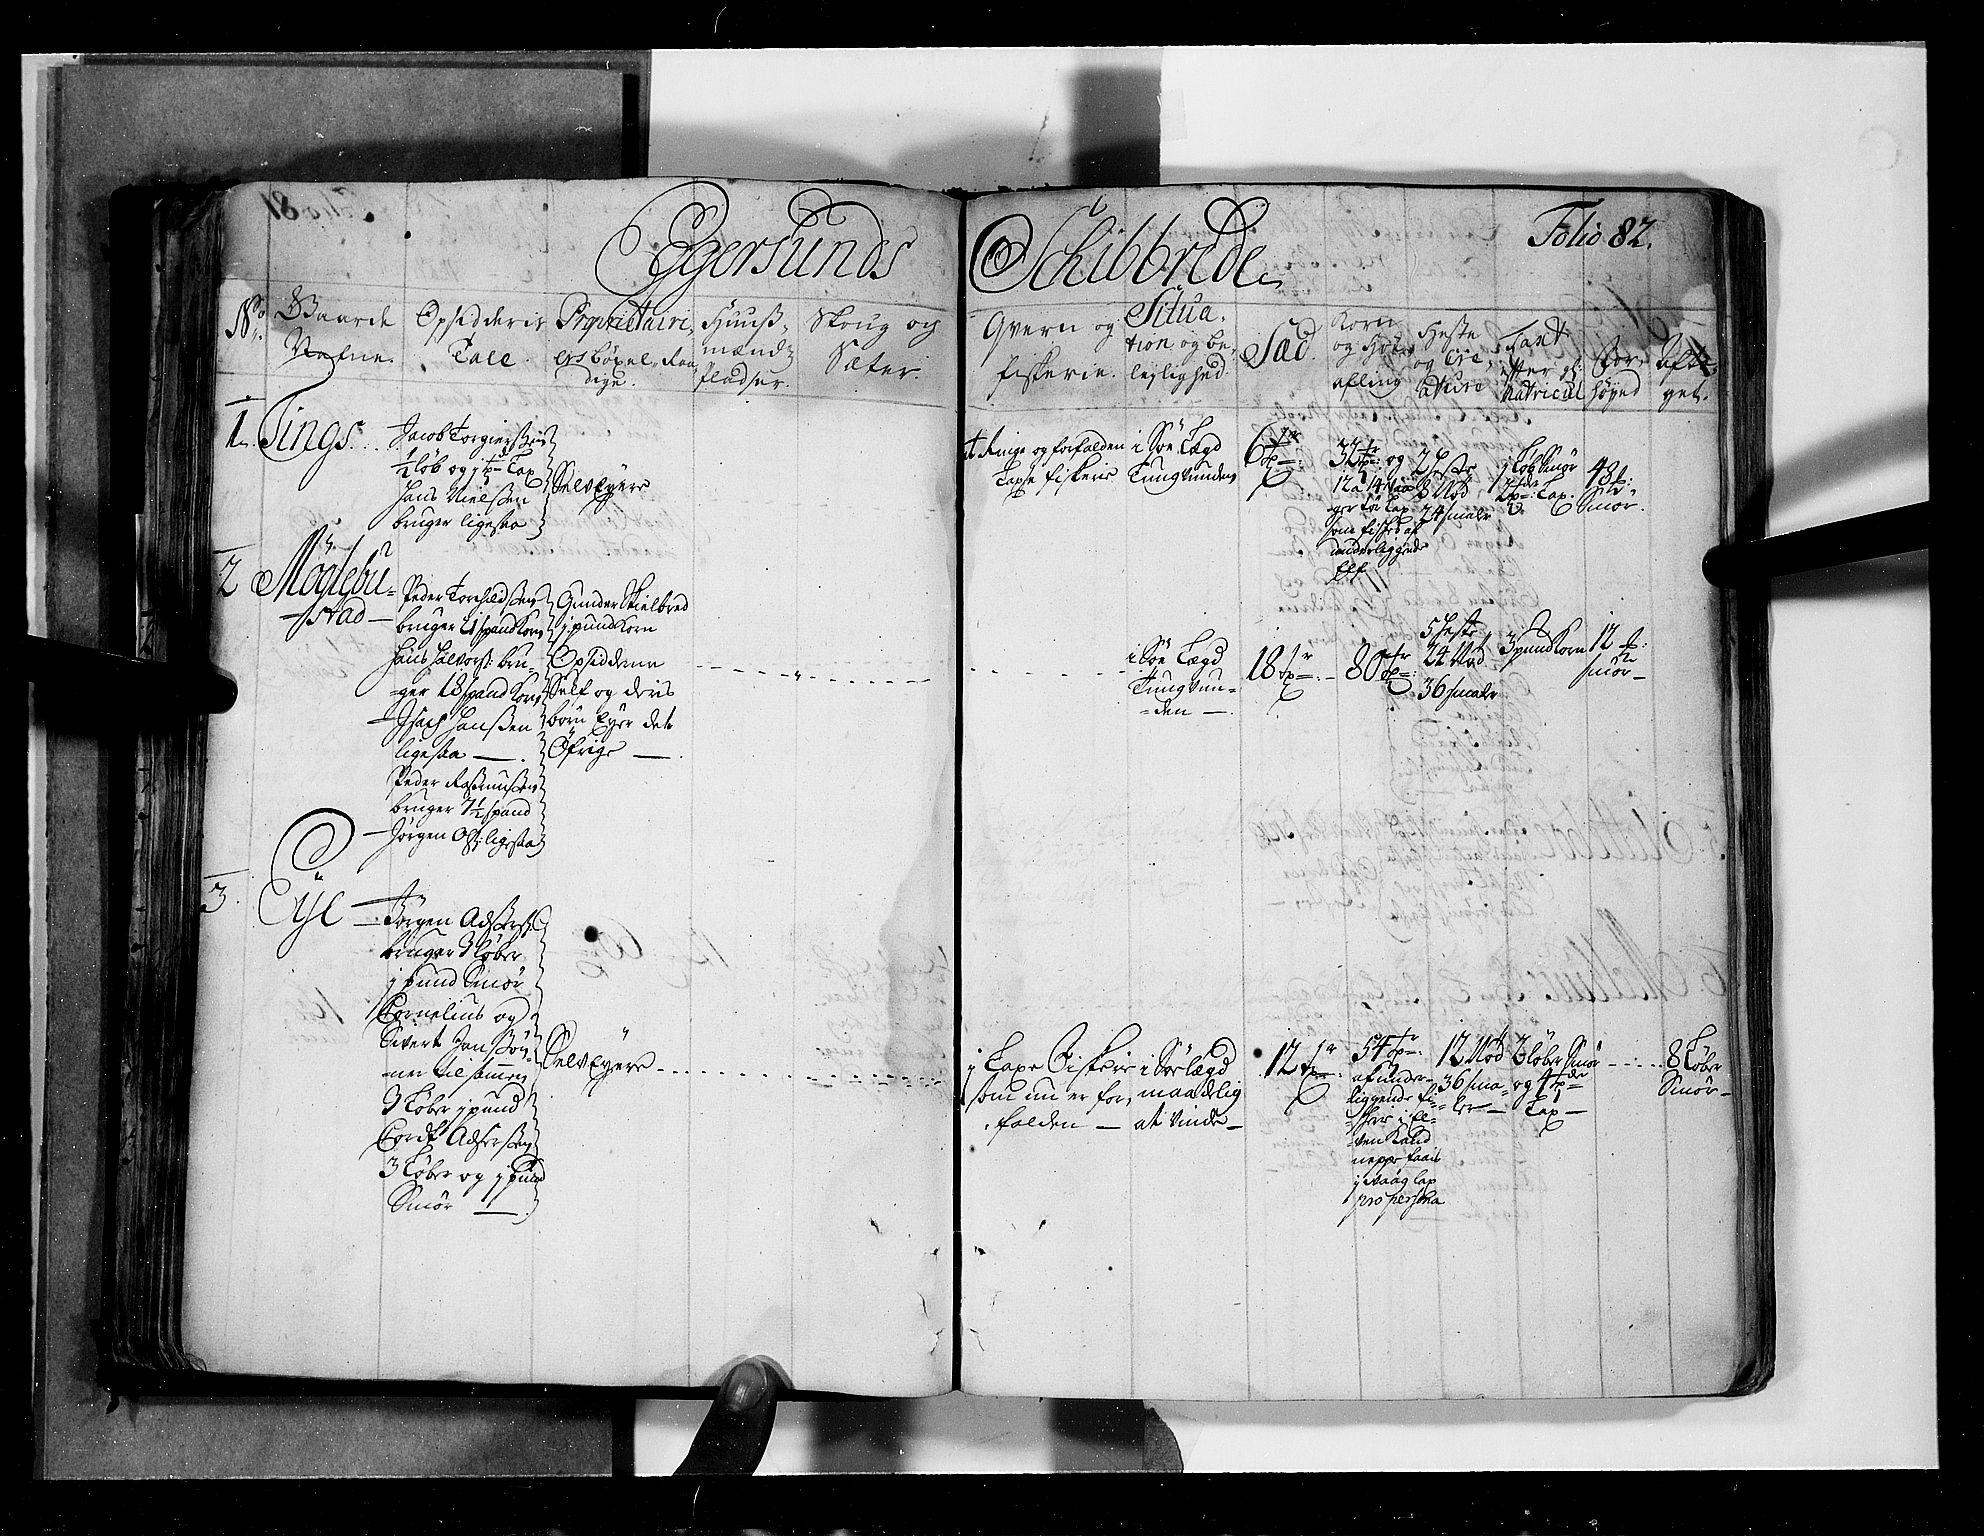 RA, Rentekammeret inntil 1814, Realistisk ordnet avdeling, N/Nb/Nbf/L0131: Jæren og Dalane eksaminasjonsprotokoll, 1723, s. 81b-82a